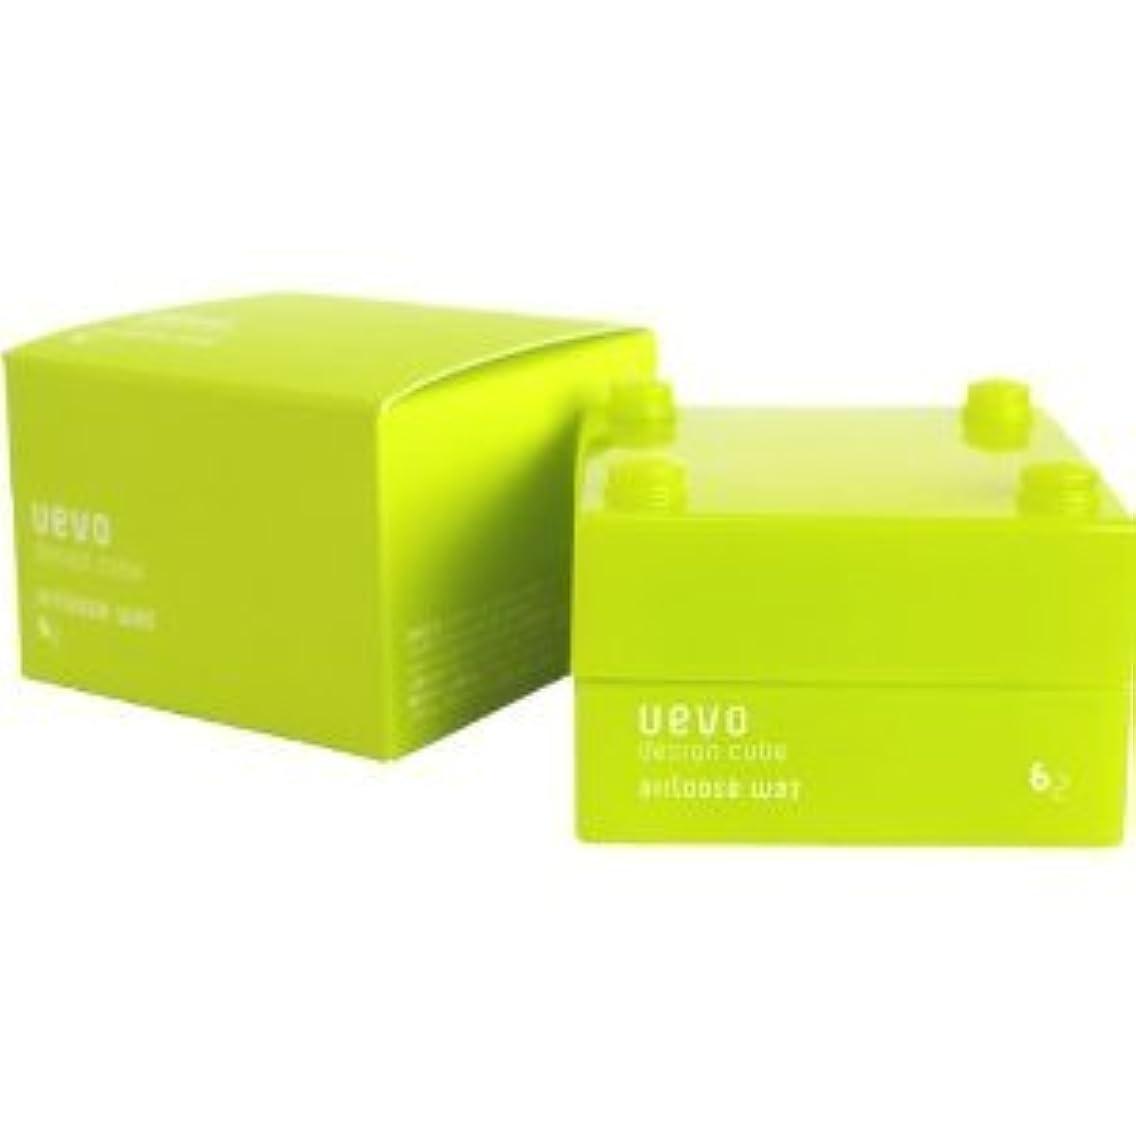 真剣に干渉実用的【X2個セット】 デミ ウェーボ デザインキューブ エアルーズワックス 30g airloose wax DEMI uevo design cube